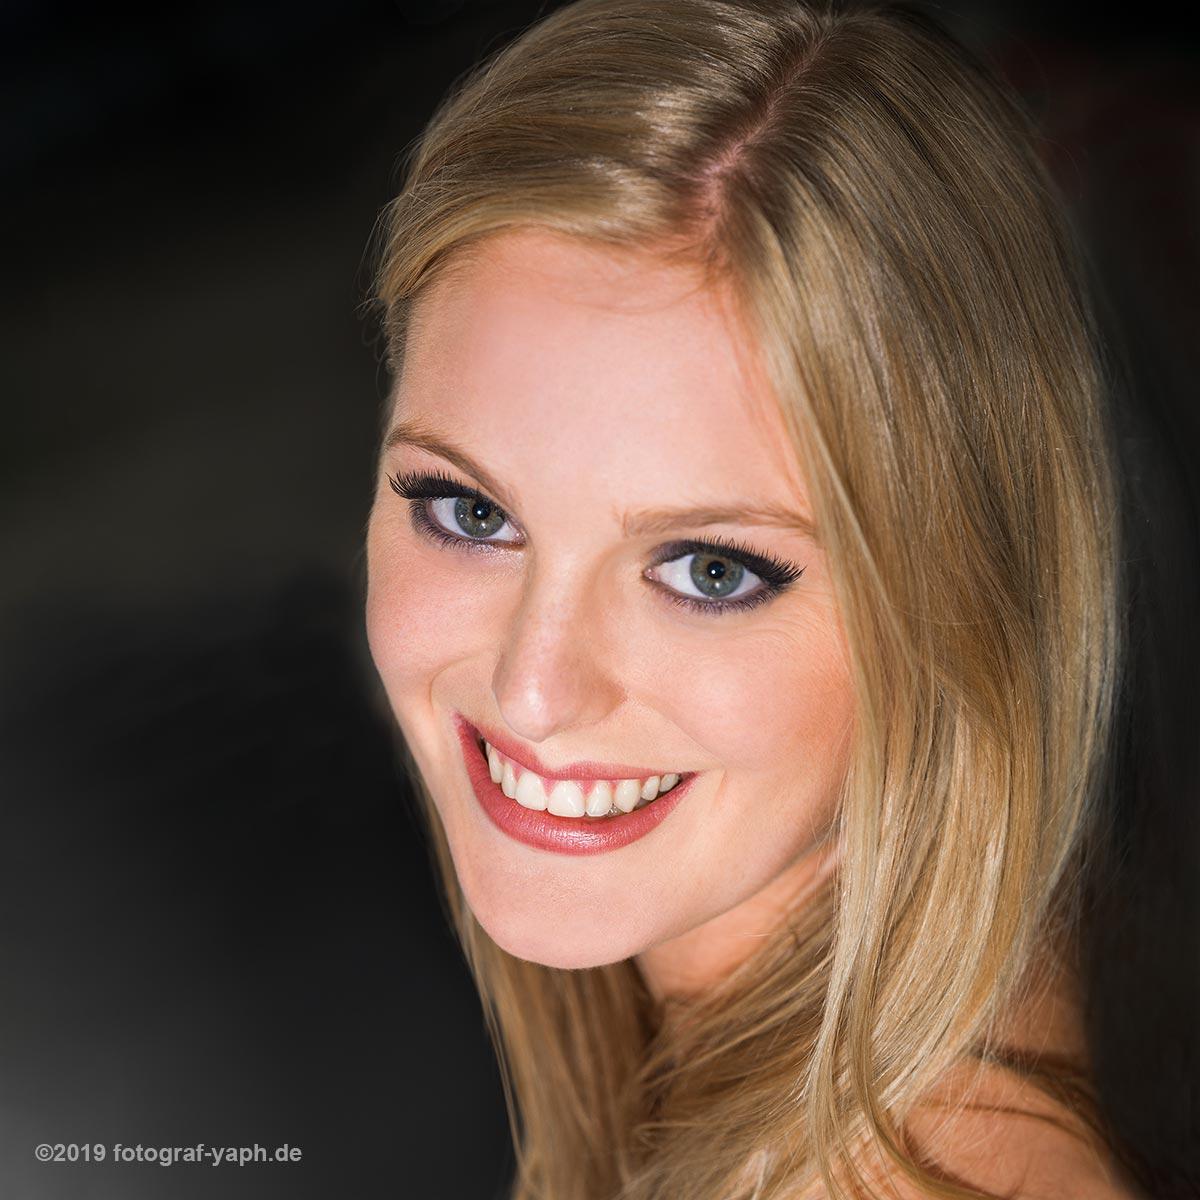 Bewerbungsfoto und Beauty Fotoshooting und Poträfotografie Trier Yaph